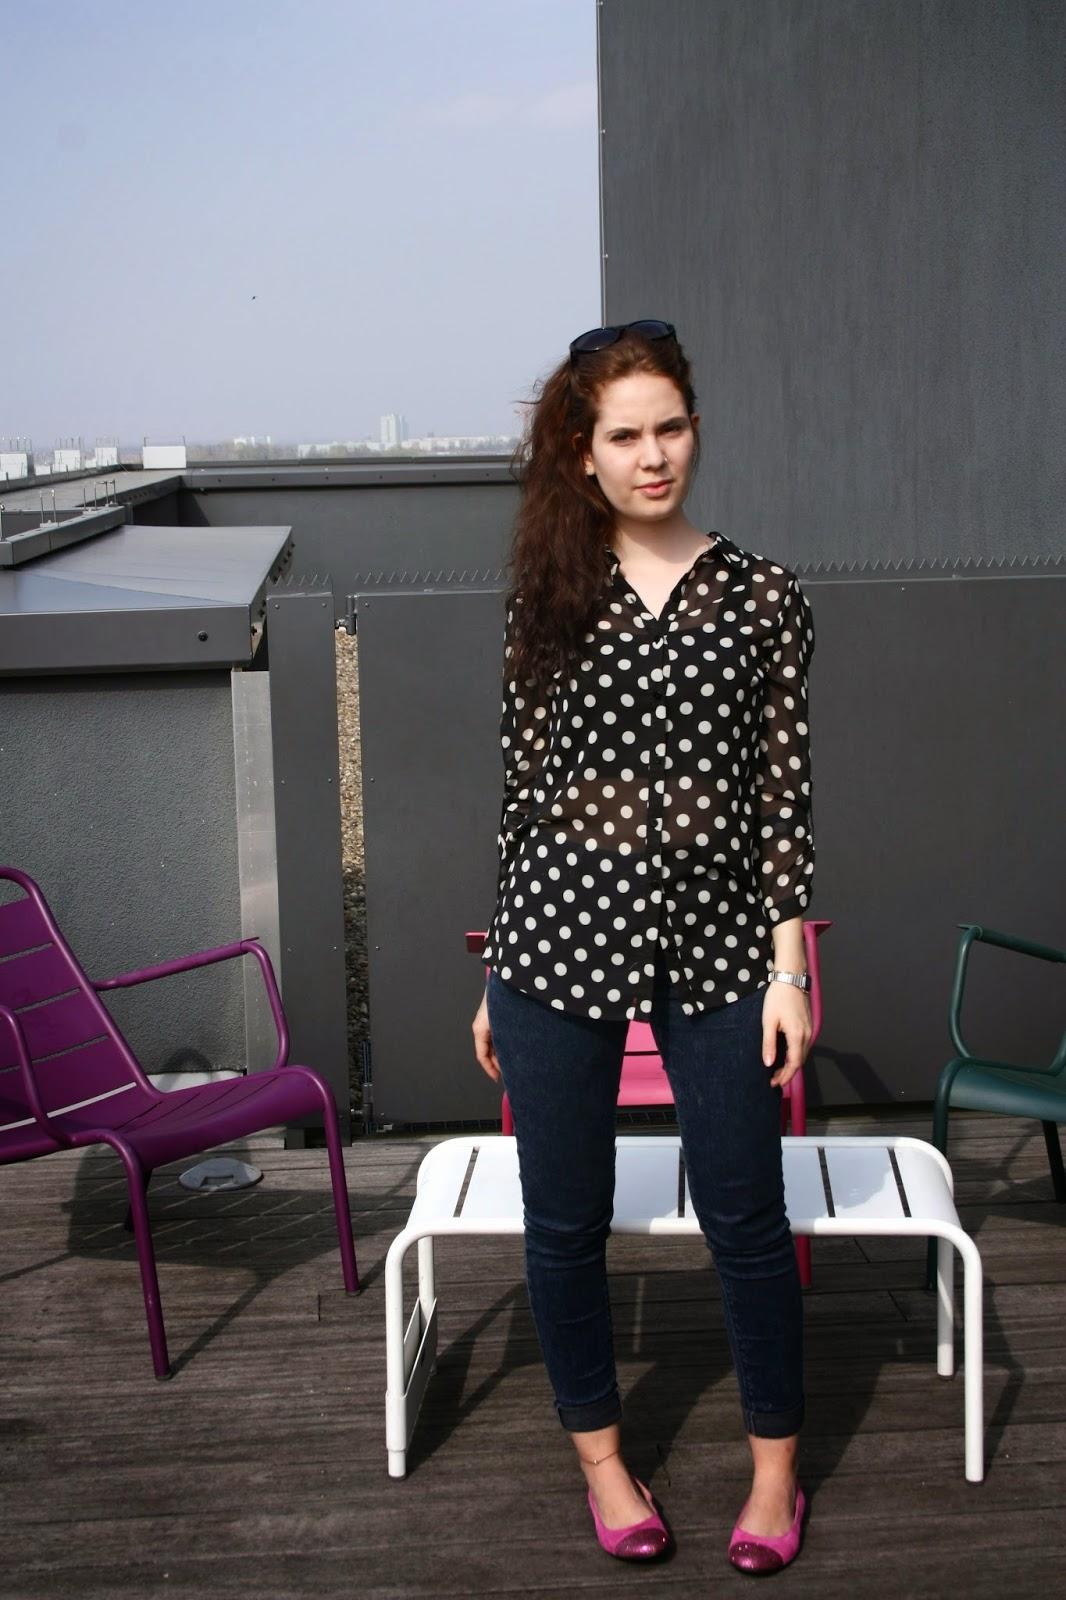 OOTD Clarks Ballerinas Flussperle Blog primark Urban Outfitters Tom Ford Sonnenbrille